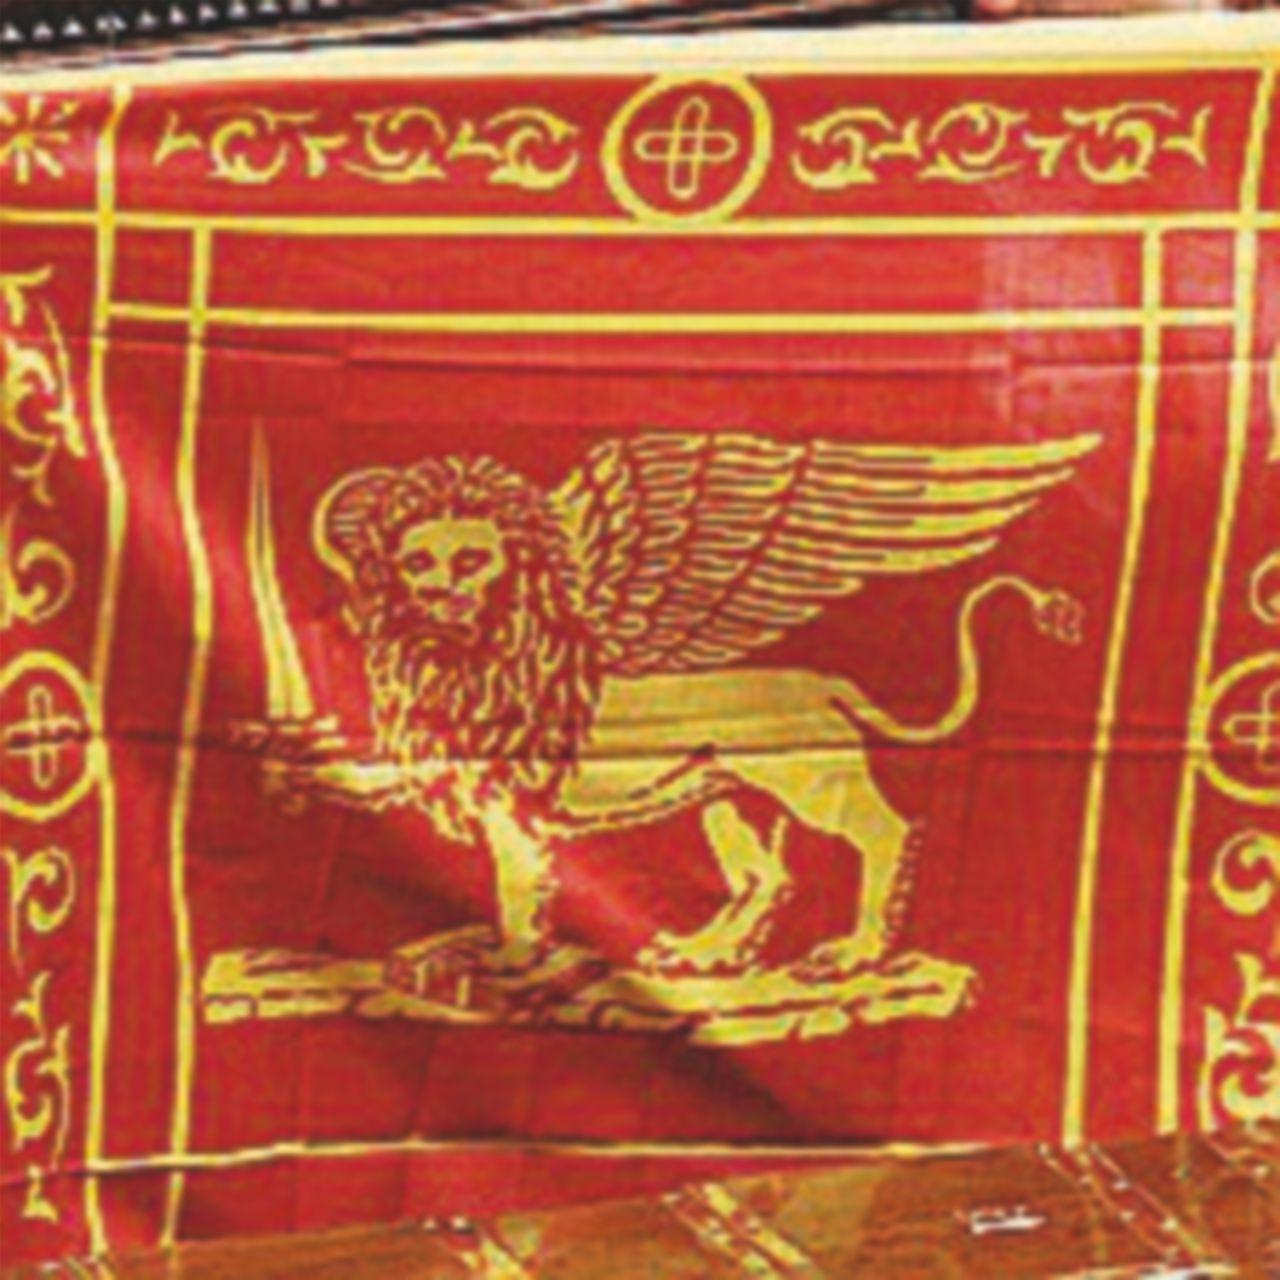 Veneto: la bandiera con il leone di San Marco diventa obbligatoria negli edifici pubblici